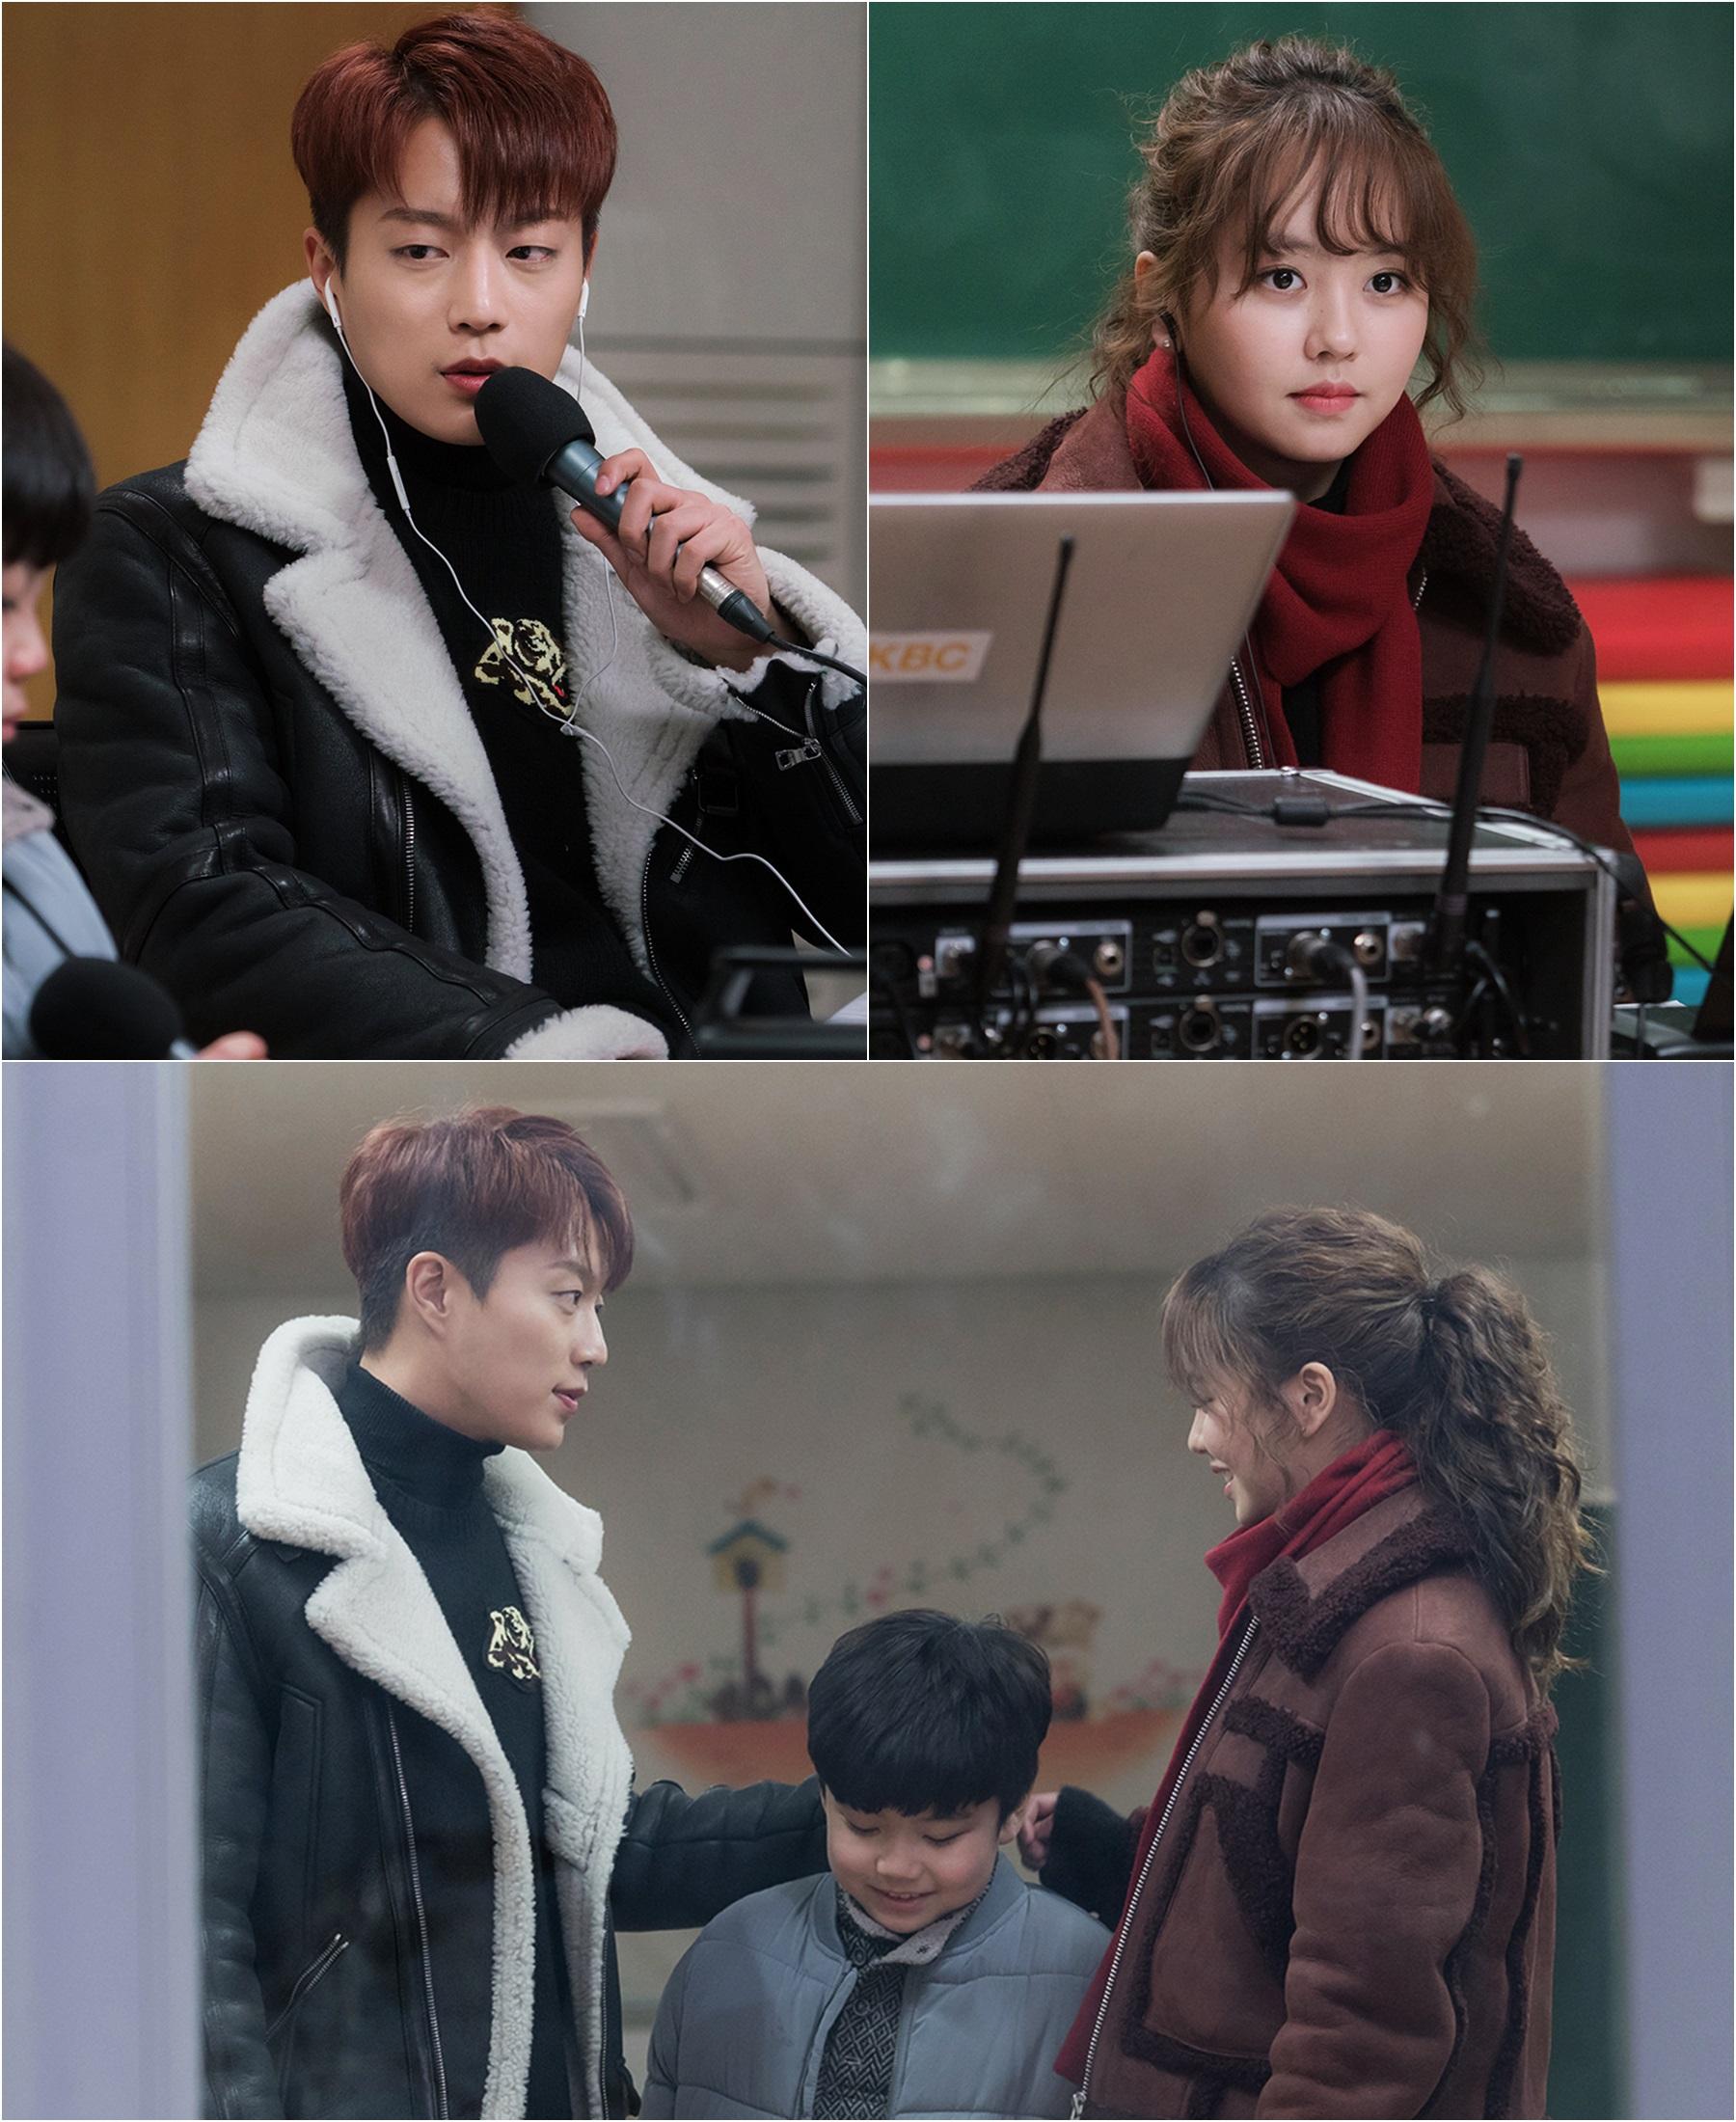 '라디오 로맨스' DJ 윤두준+작가 김소현, 아찔한 생방→잔잔한 감동 선사